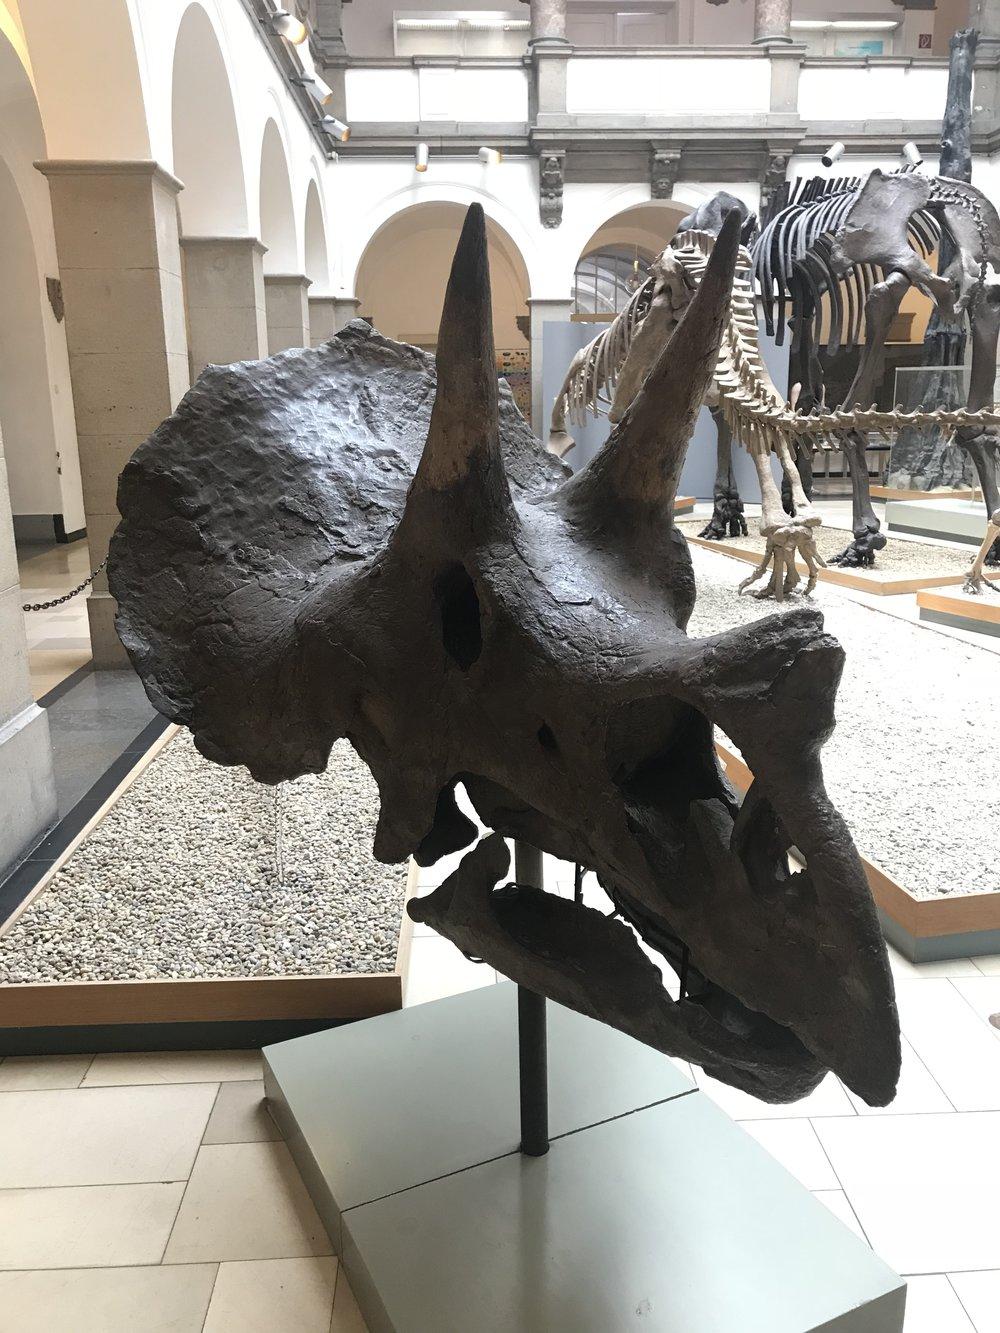 Triceratops horridus  | Credit: Talita Bateman